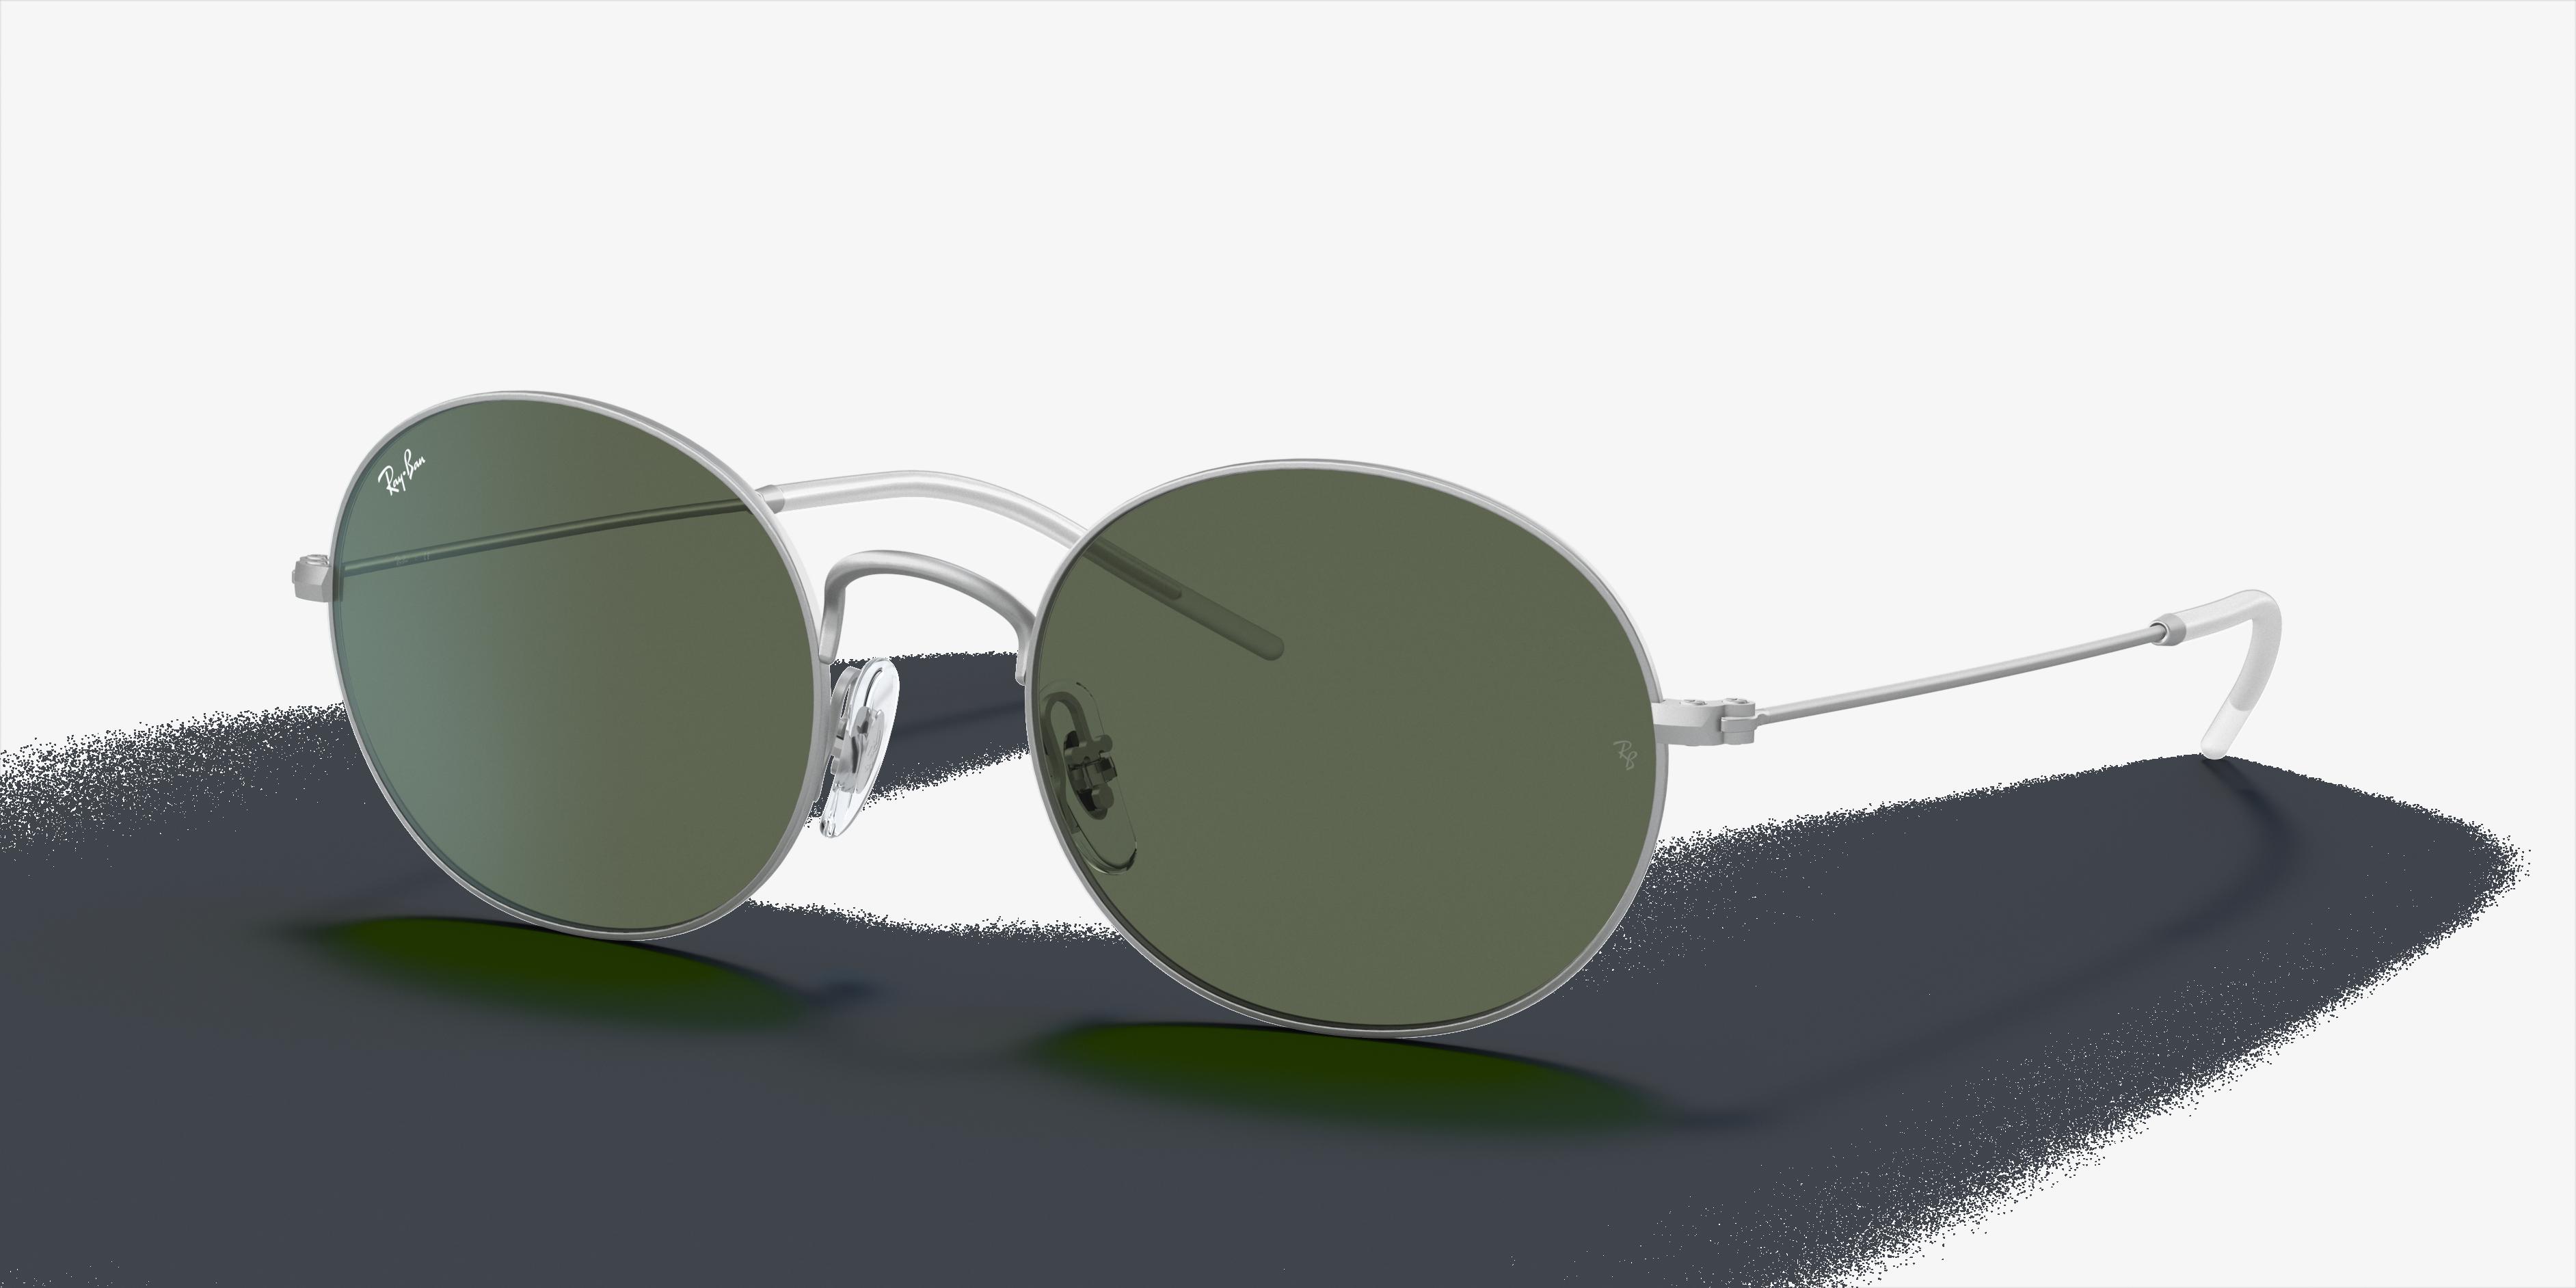 Ray-Ban Ray-ban Beat Silver, Green Lenses - RB3594